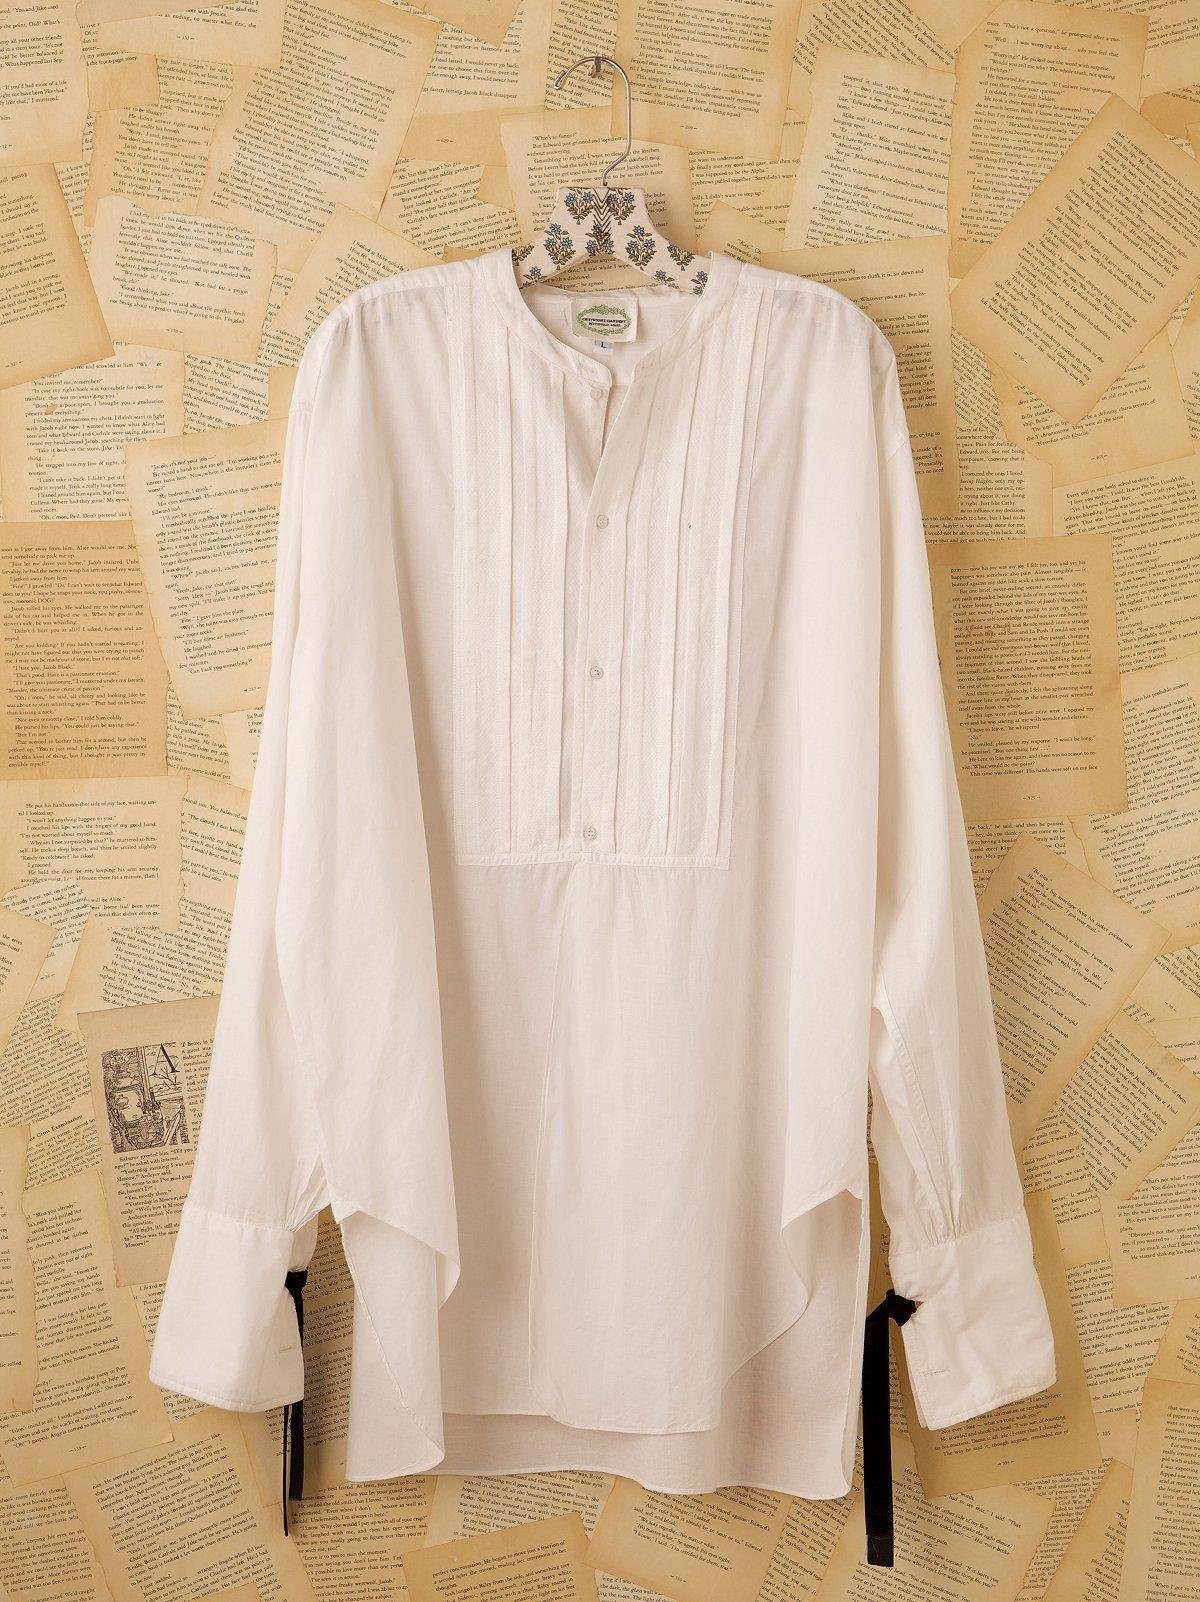 Vintage Gentlemen's Dress Shirt